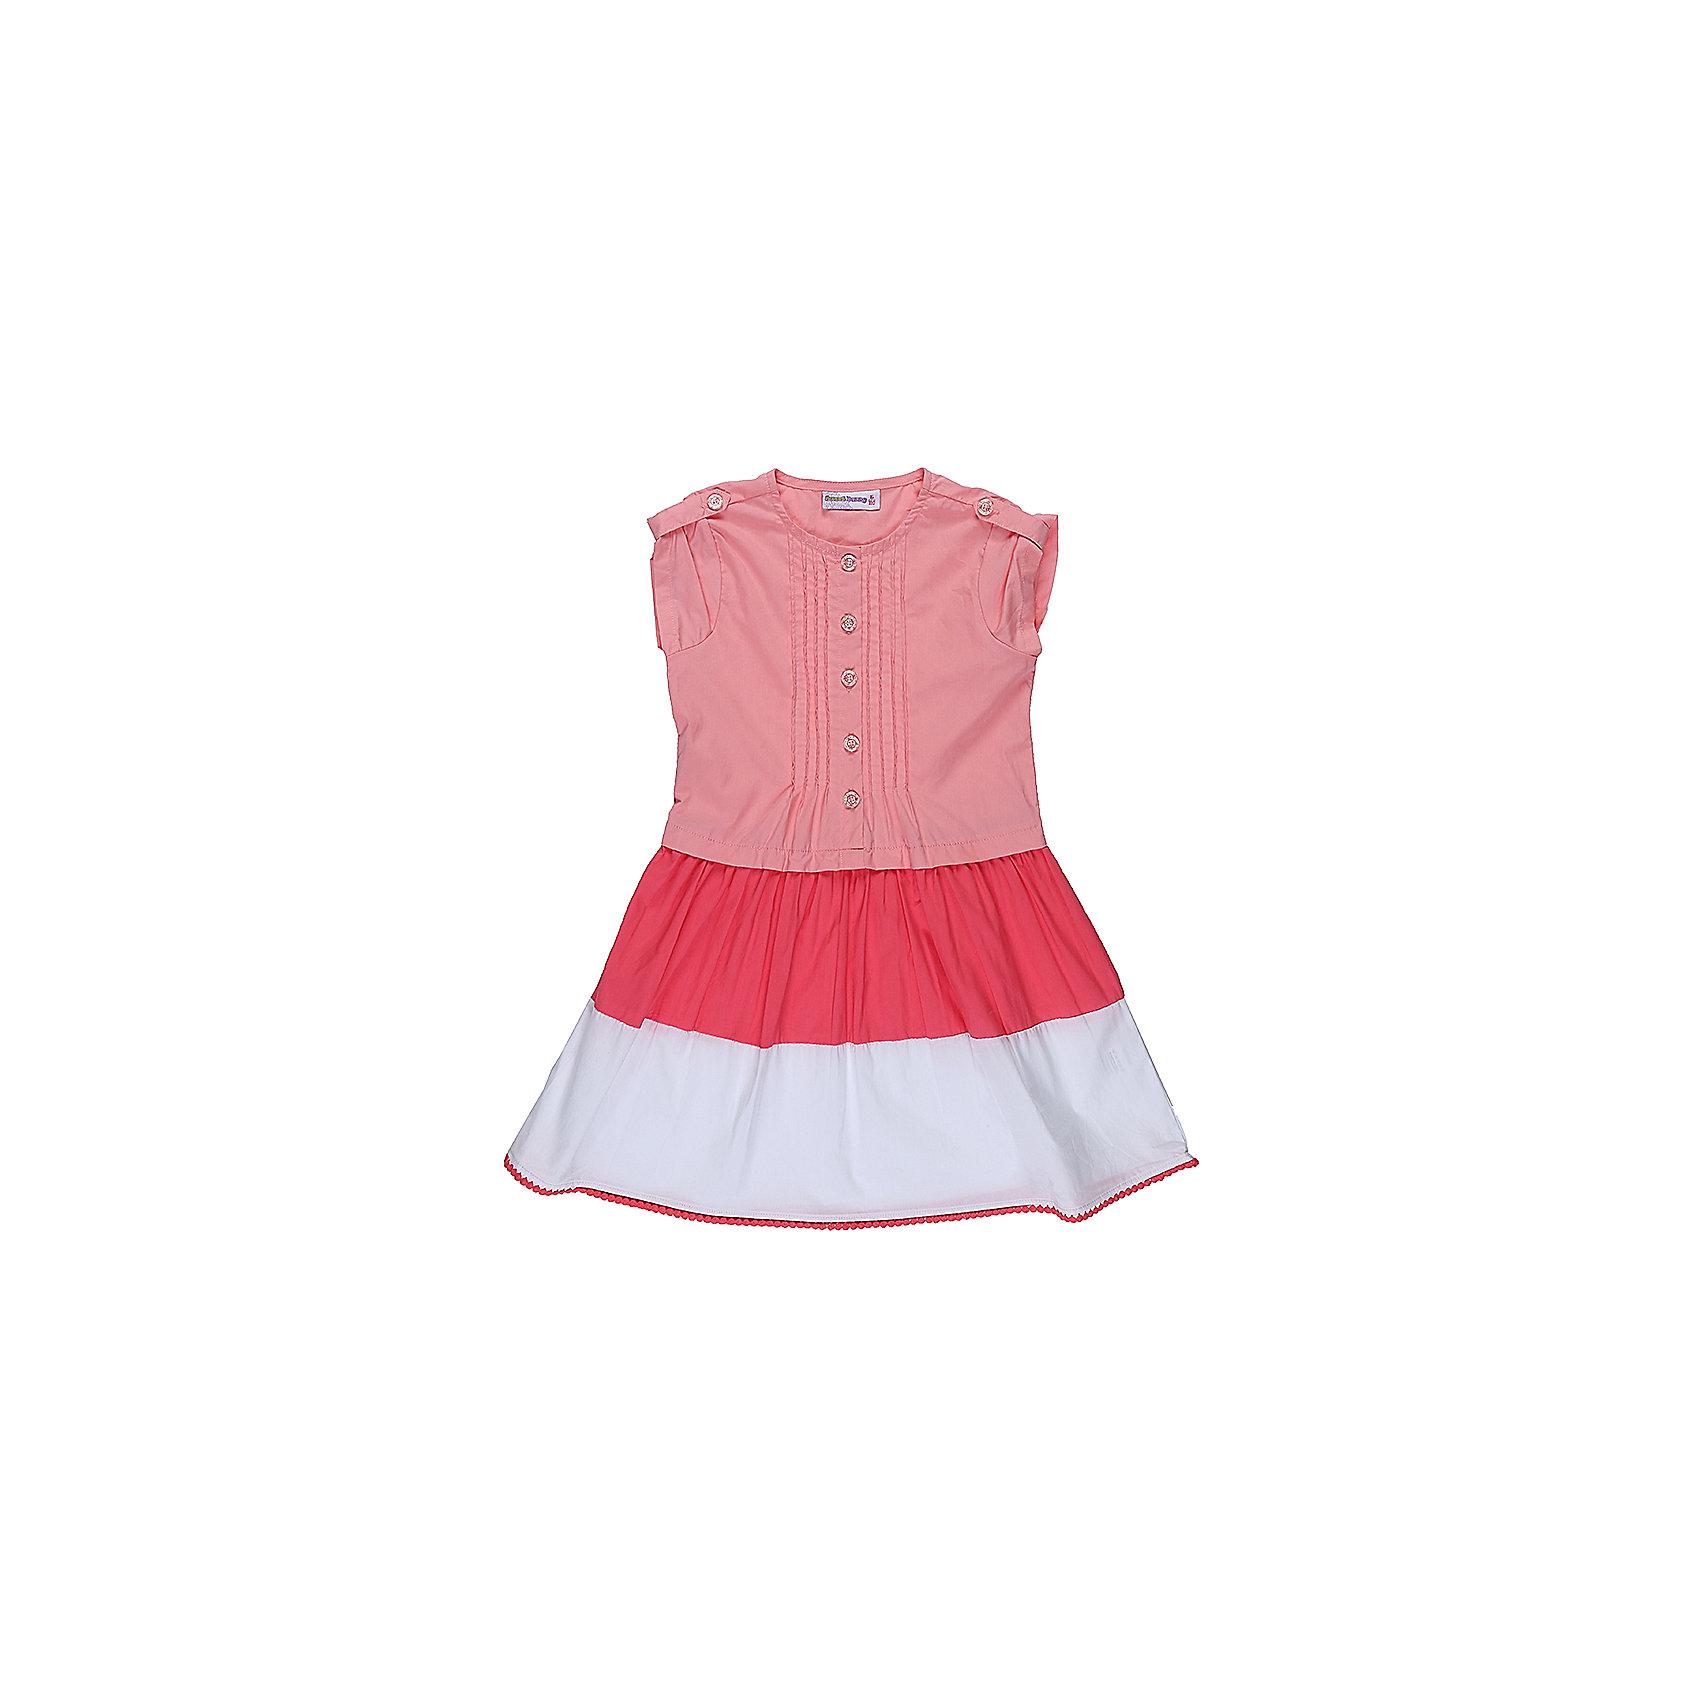 Платье для девочки Sweet BerryХлопковое платье для девочки из комбинированной ткани. Декорированно контрастной отделкой по низу изделия и плетеным кружевом. Застегивается на пуговки.<br>Состав:<br>100% хлопок<br><br>Ширина мм: 236<br>Глубина мм: 16<br>Высота мм: 184<br>Вес г: 177<br>Цвет: оранжевый<br>Возраст от месяцев: 24<br>Возраст до месяцев: 36<br>Пол: Женский<br>Возраст: Детский<br>Размер: 98,104,110,116,122,128<br>SKU: 5412219